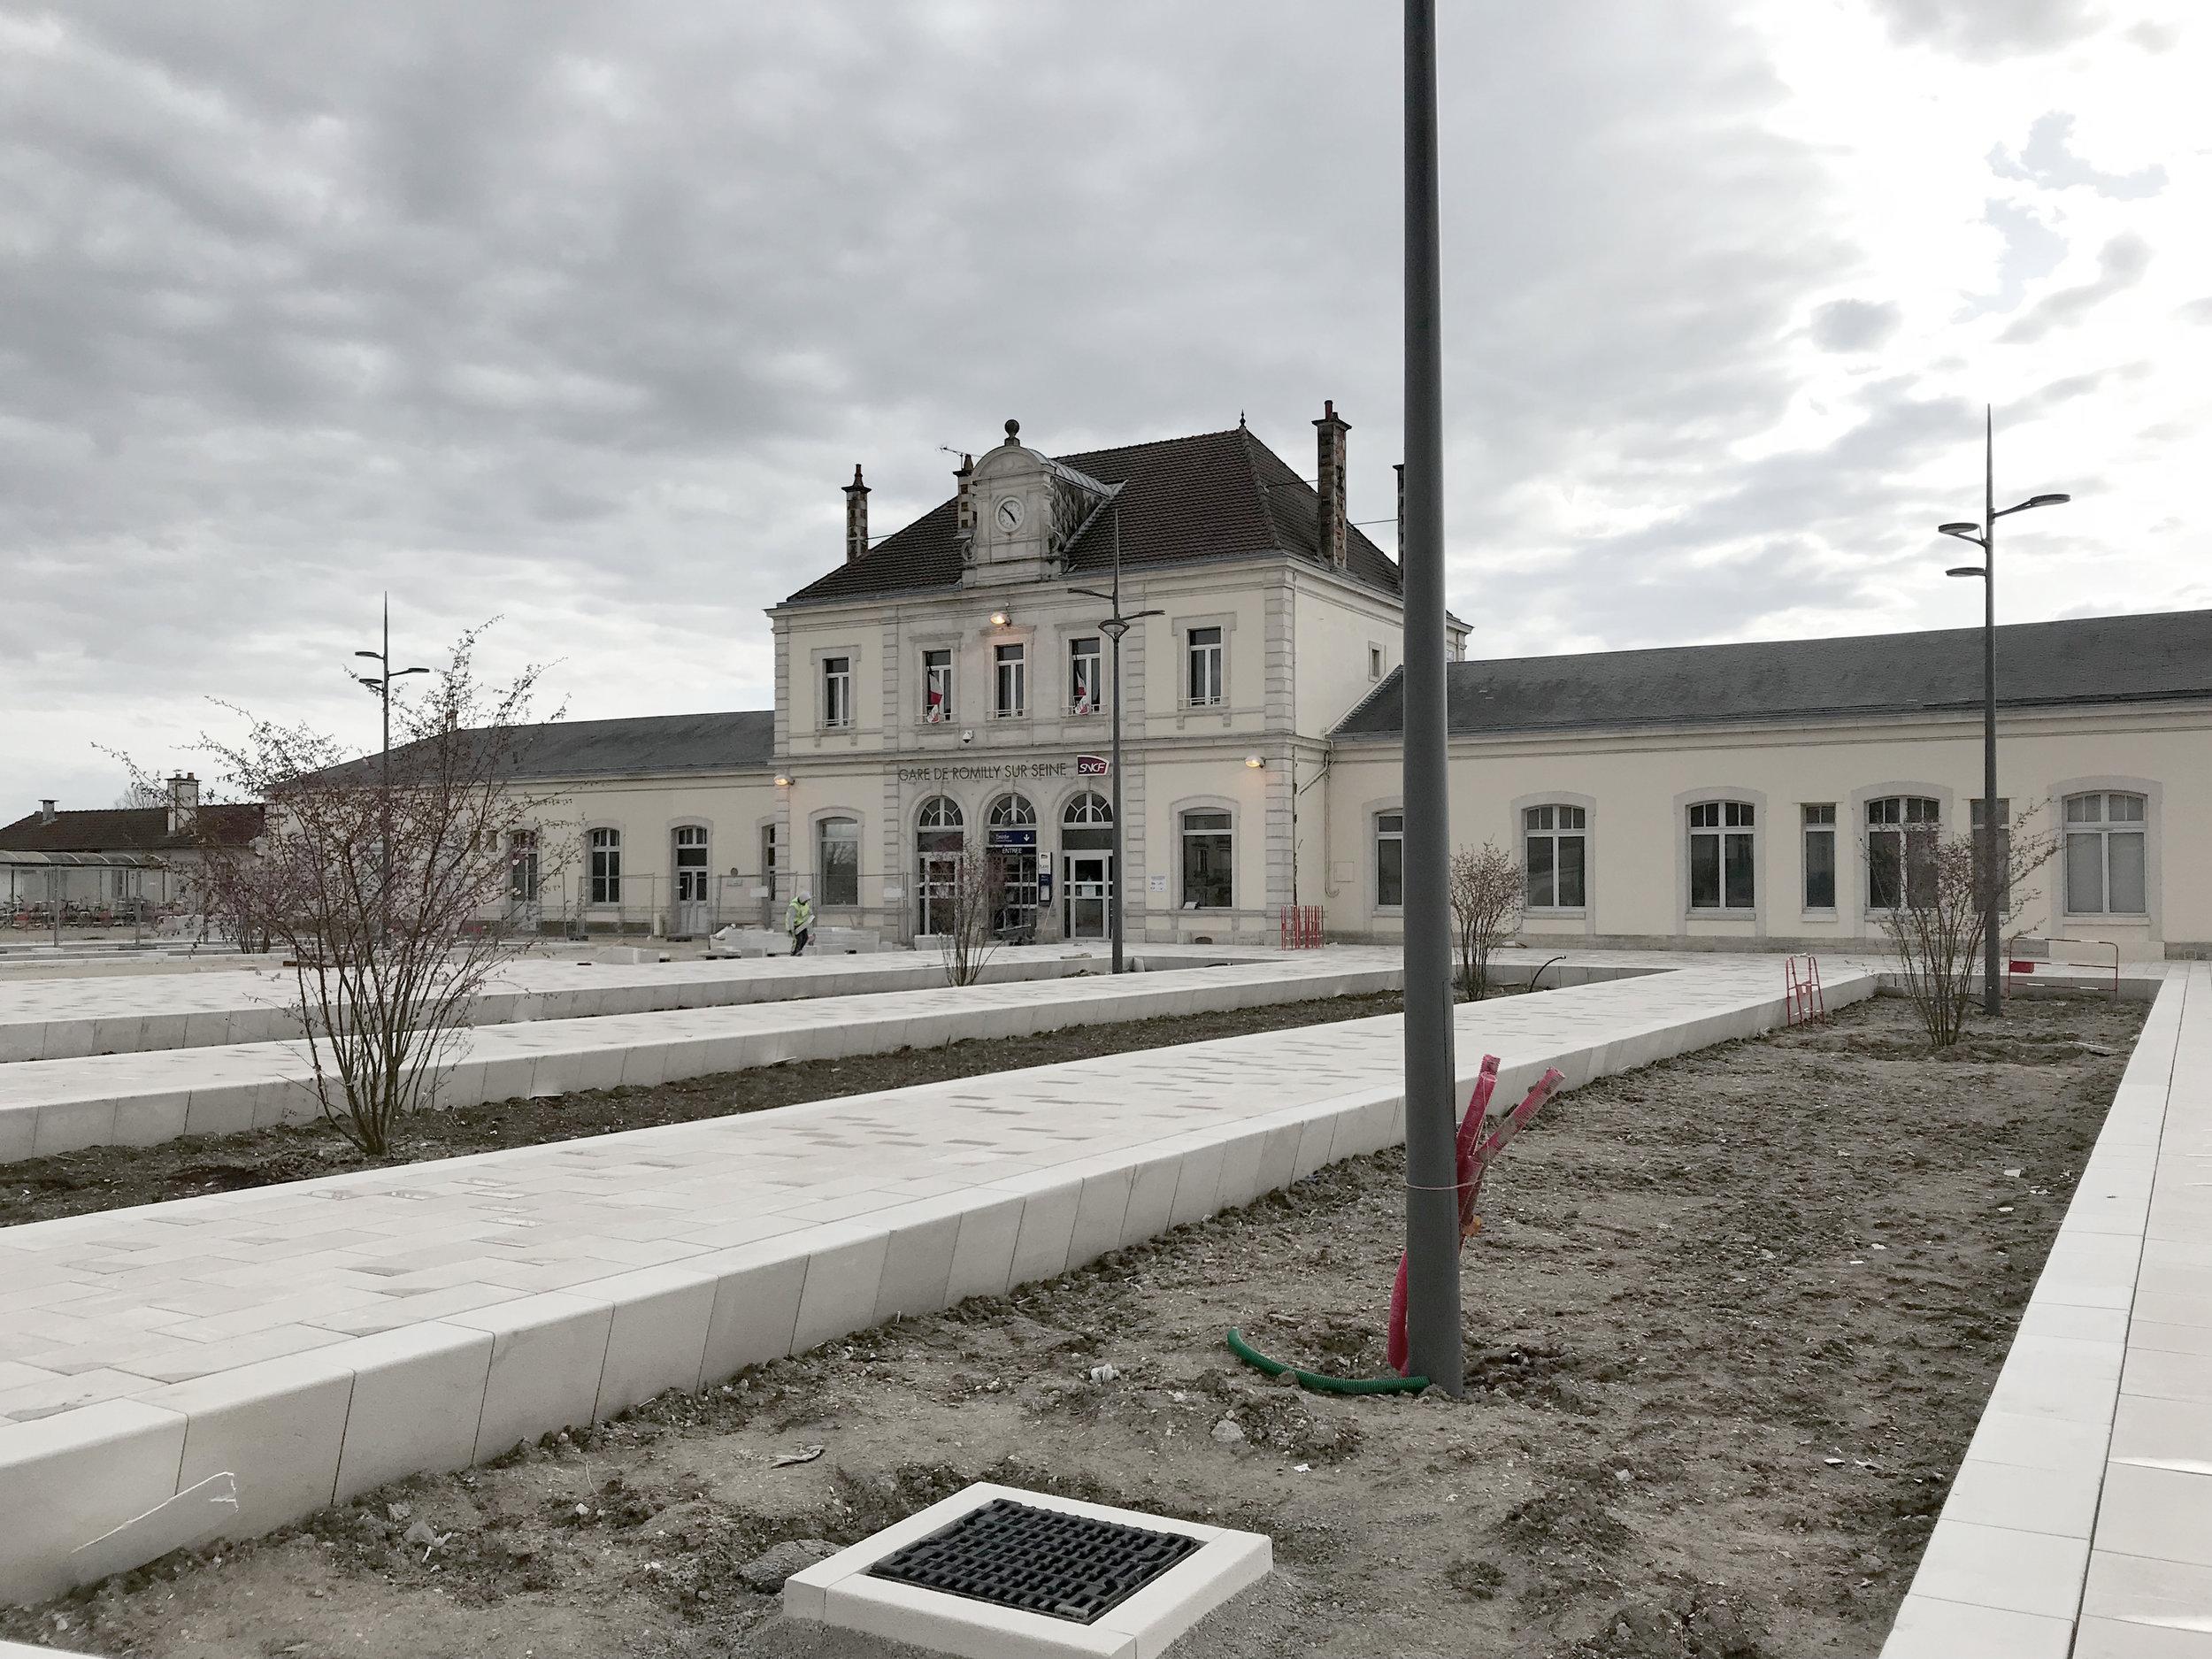 Aménagement de la Place de la Gare de Romilly/Seine - Chantier en cours